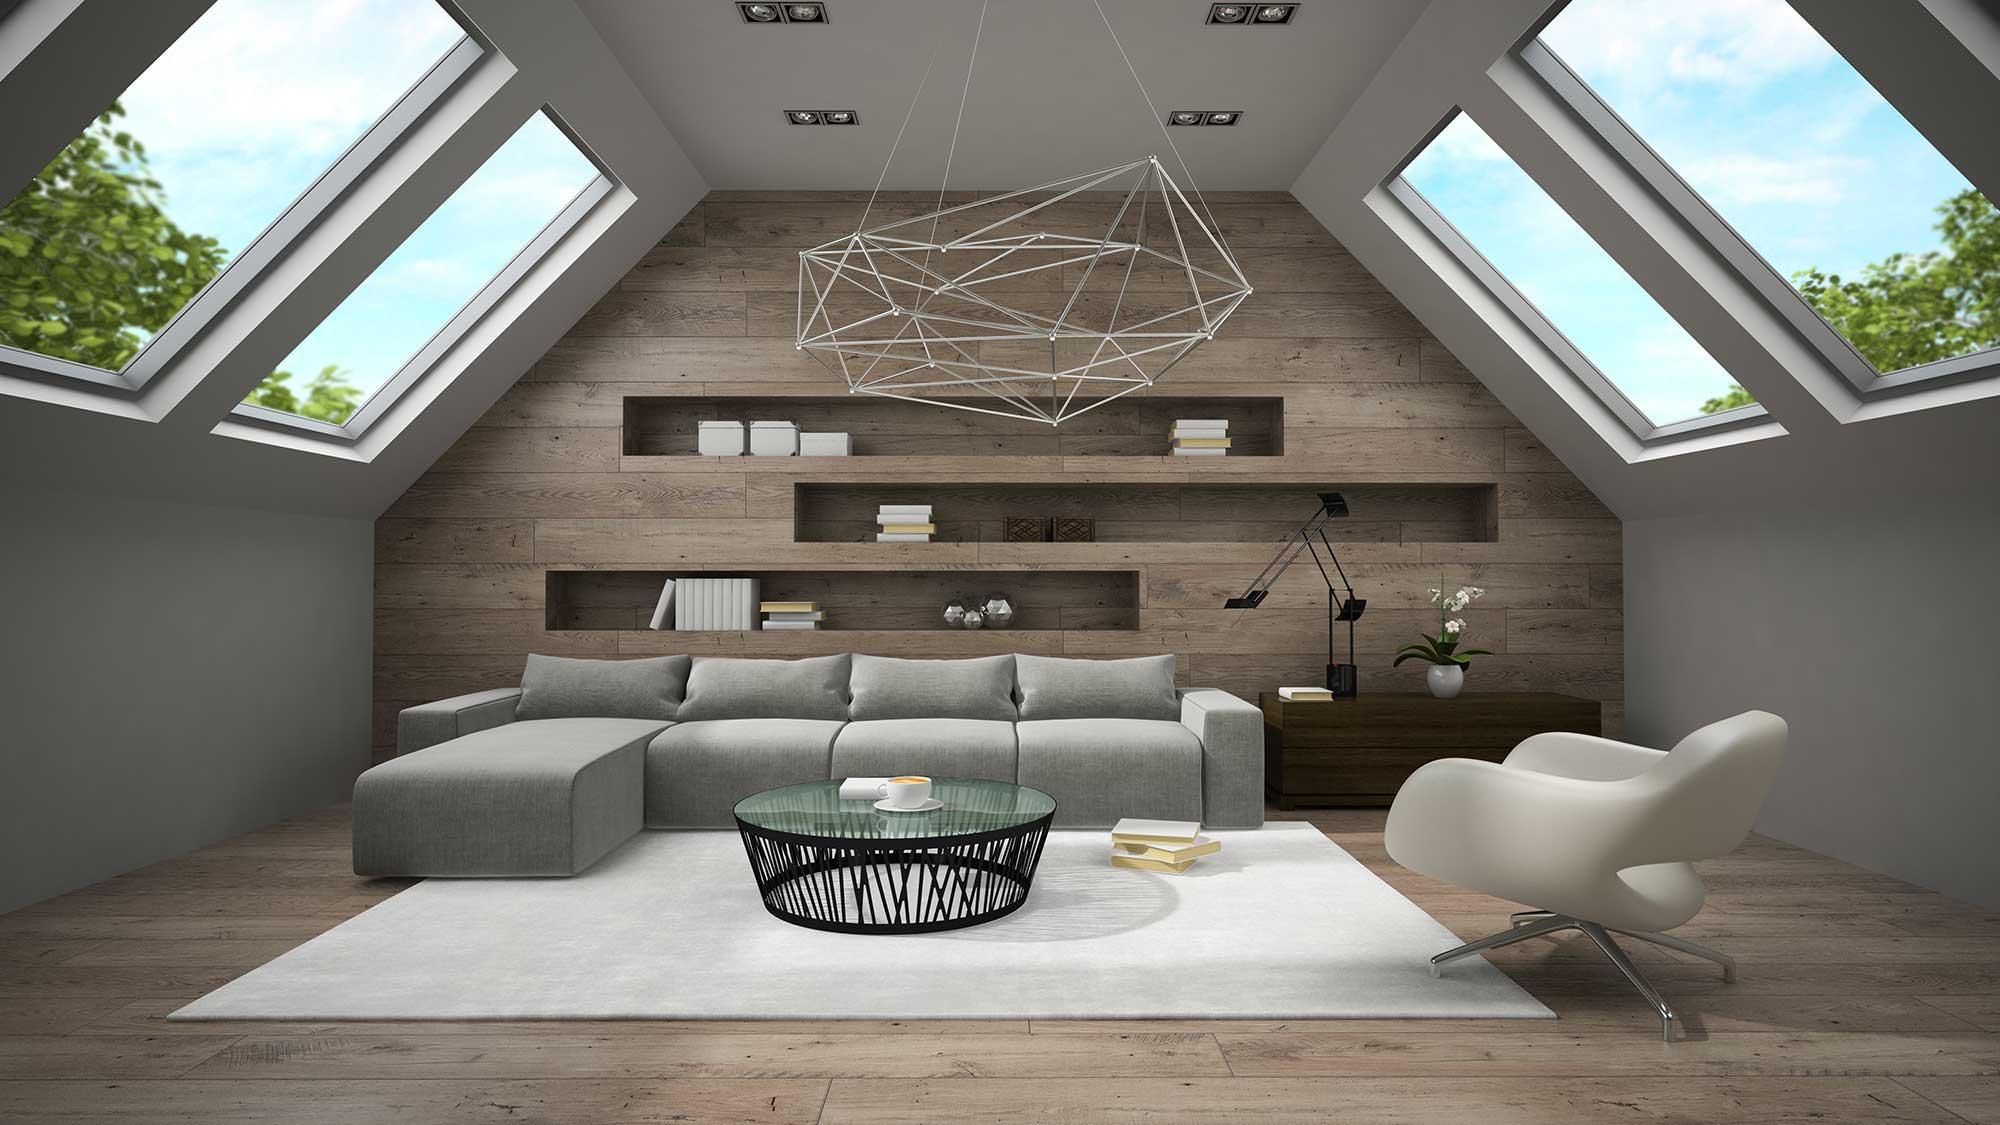 disegno 3d rendering